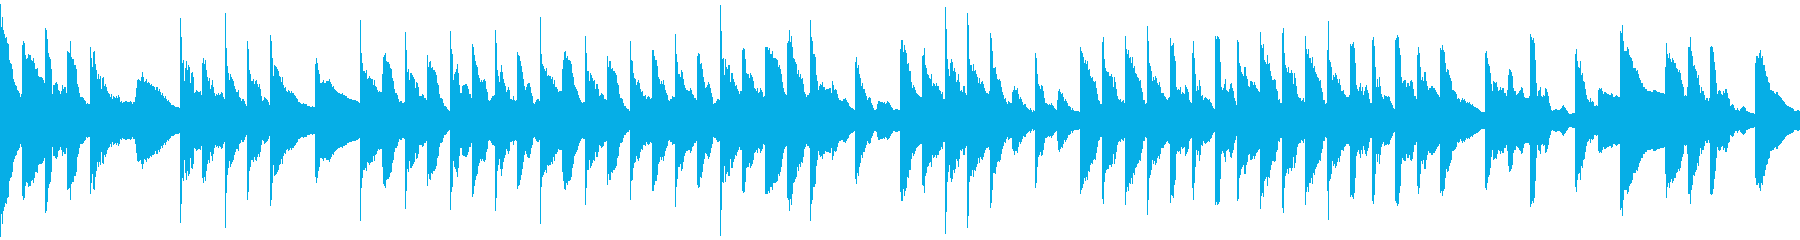 スローテンポでミステリアスなピアノ曲の再生済みの波形